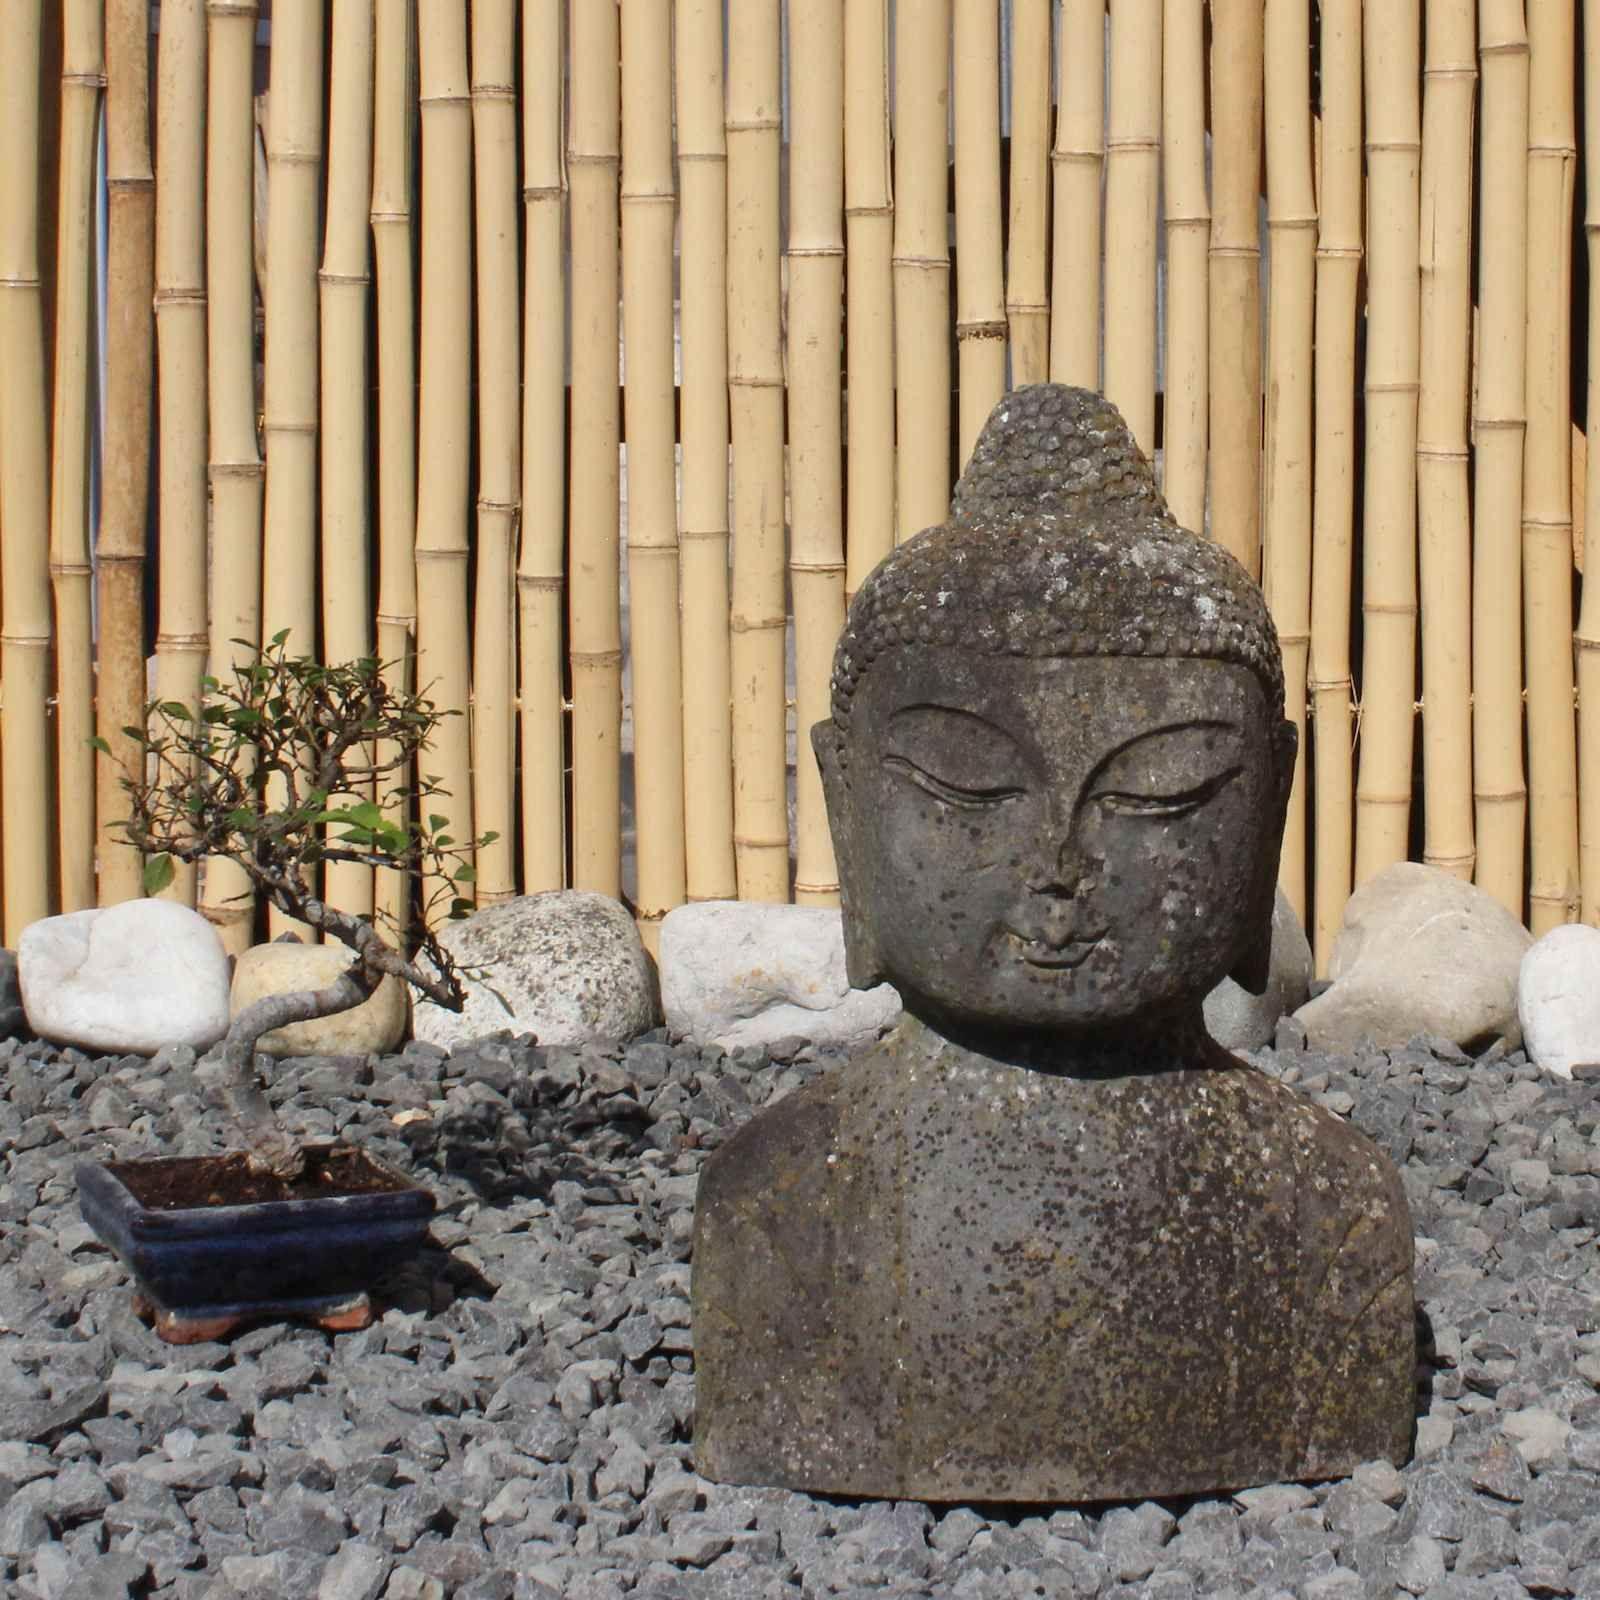 Pin Von Asienlifestyle Auf Asiatische Garten Dekoration Statuen Figuren In 2020 Statuen Statue Buddha Figur